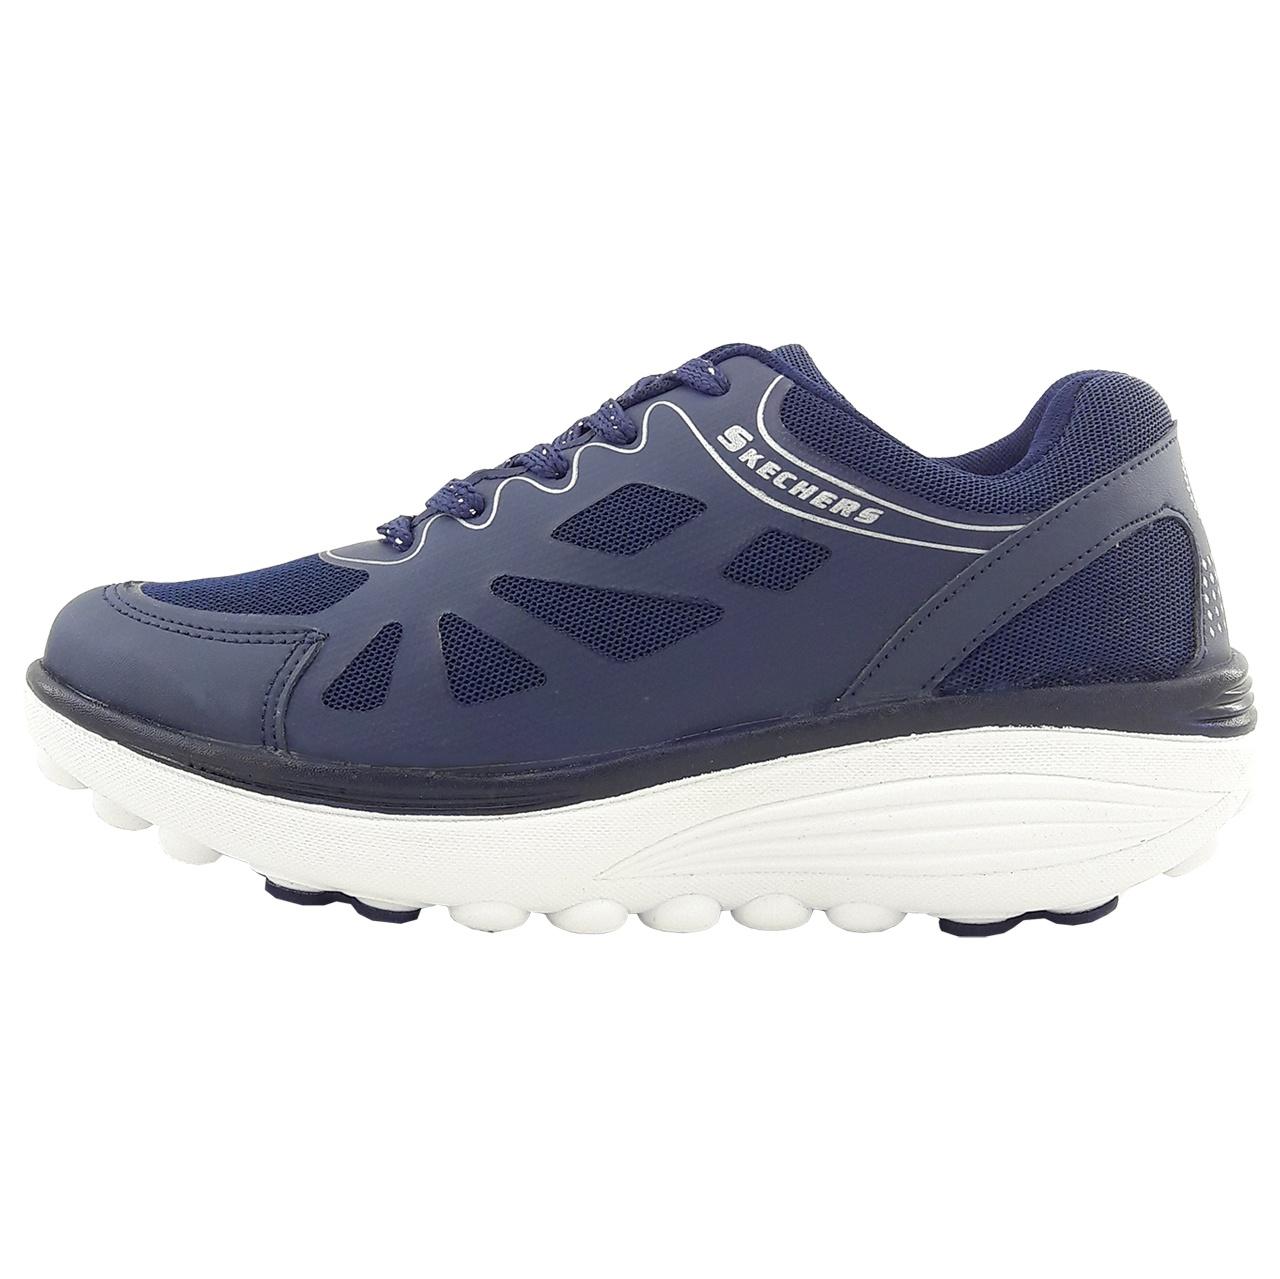 کفش مخصوص پیاده روی زنانه مدل S perfect-jvn-nvy-01